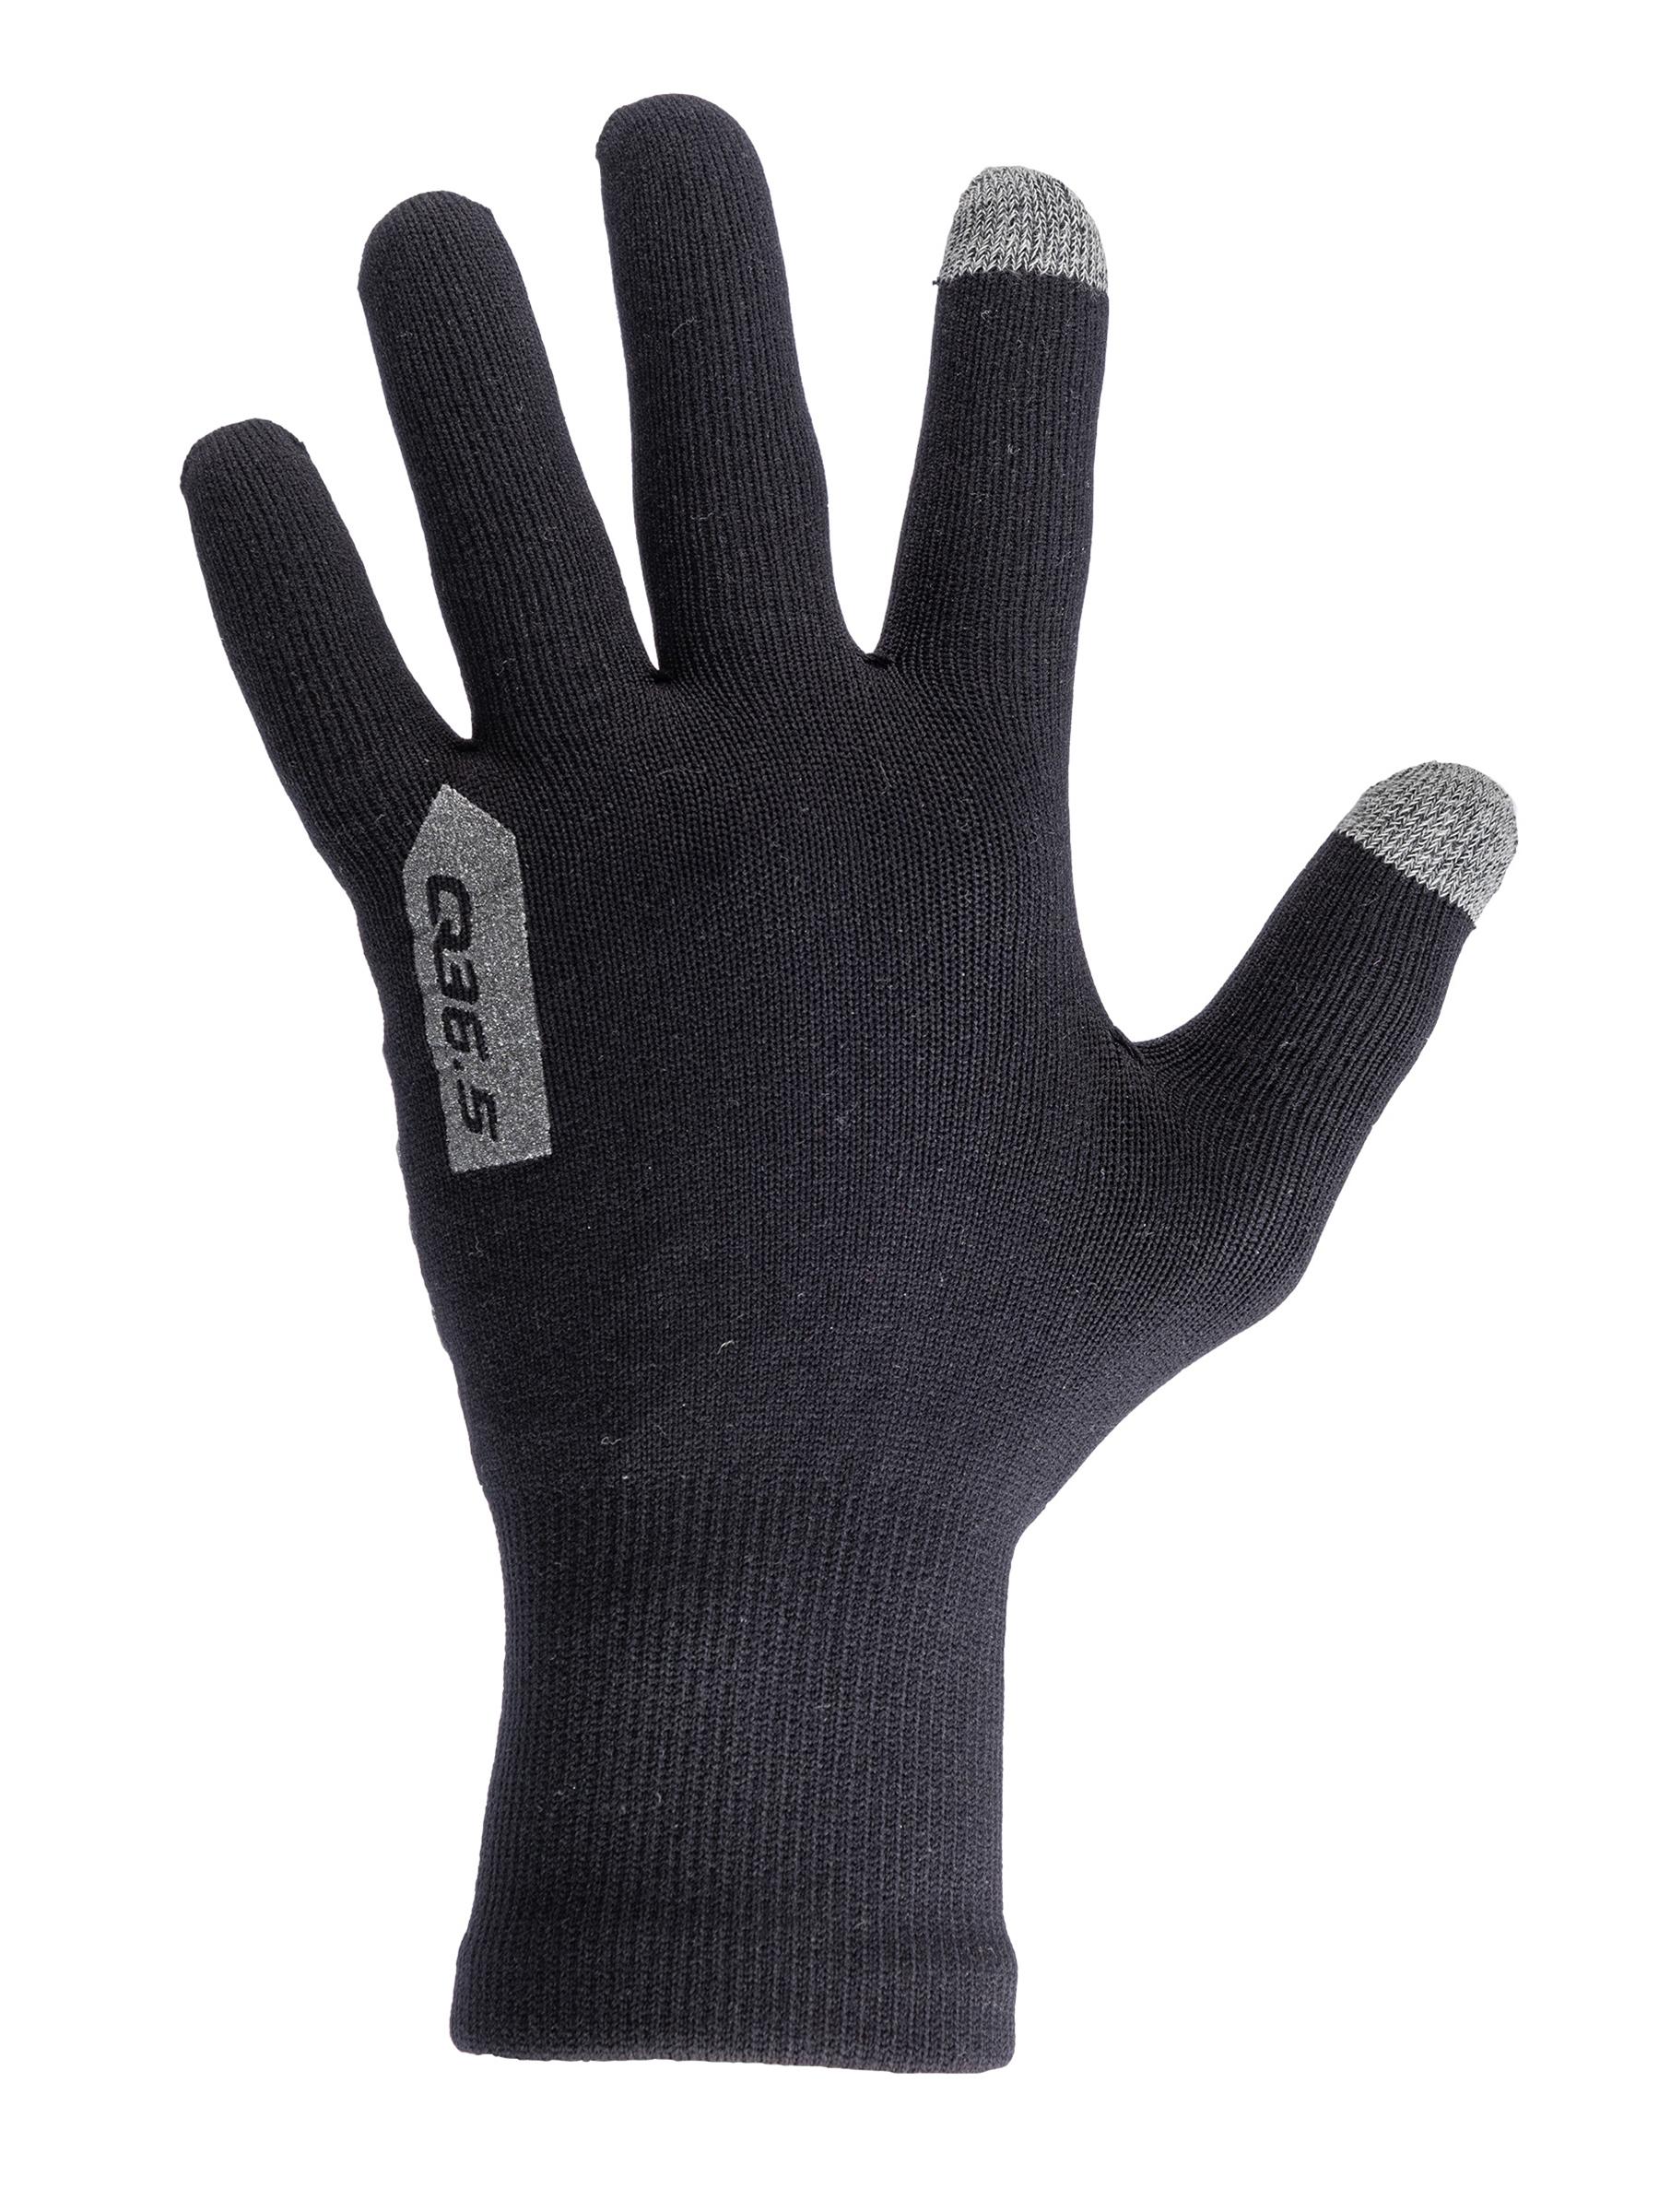 Guanti ciclismo invernali / pioggia neoprene Amphib Q36.5 - 4000X